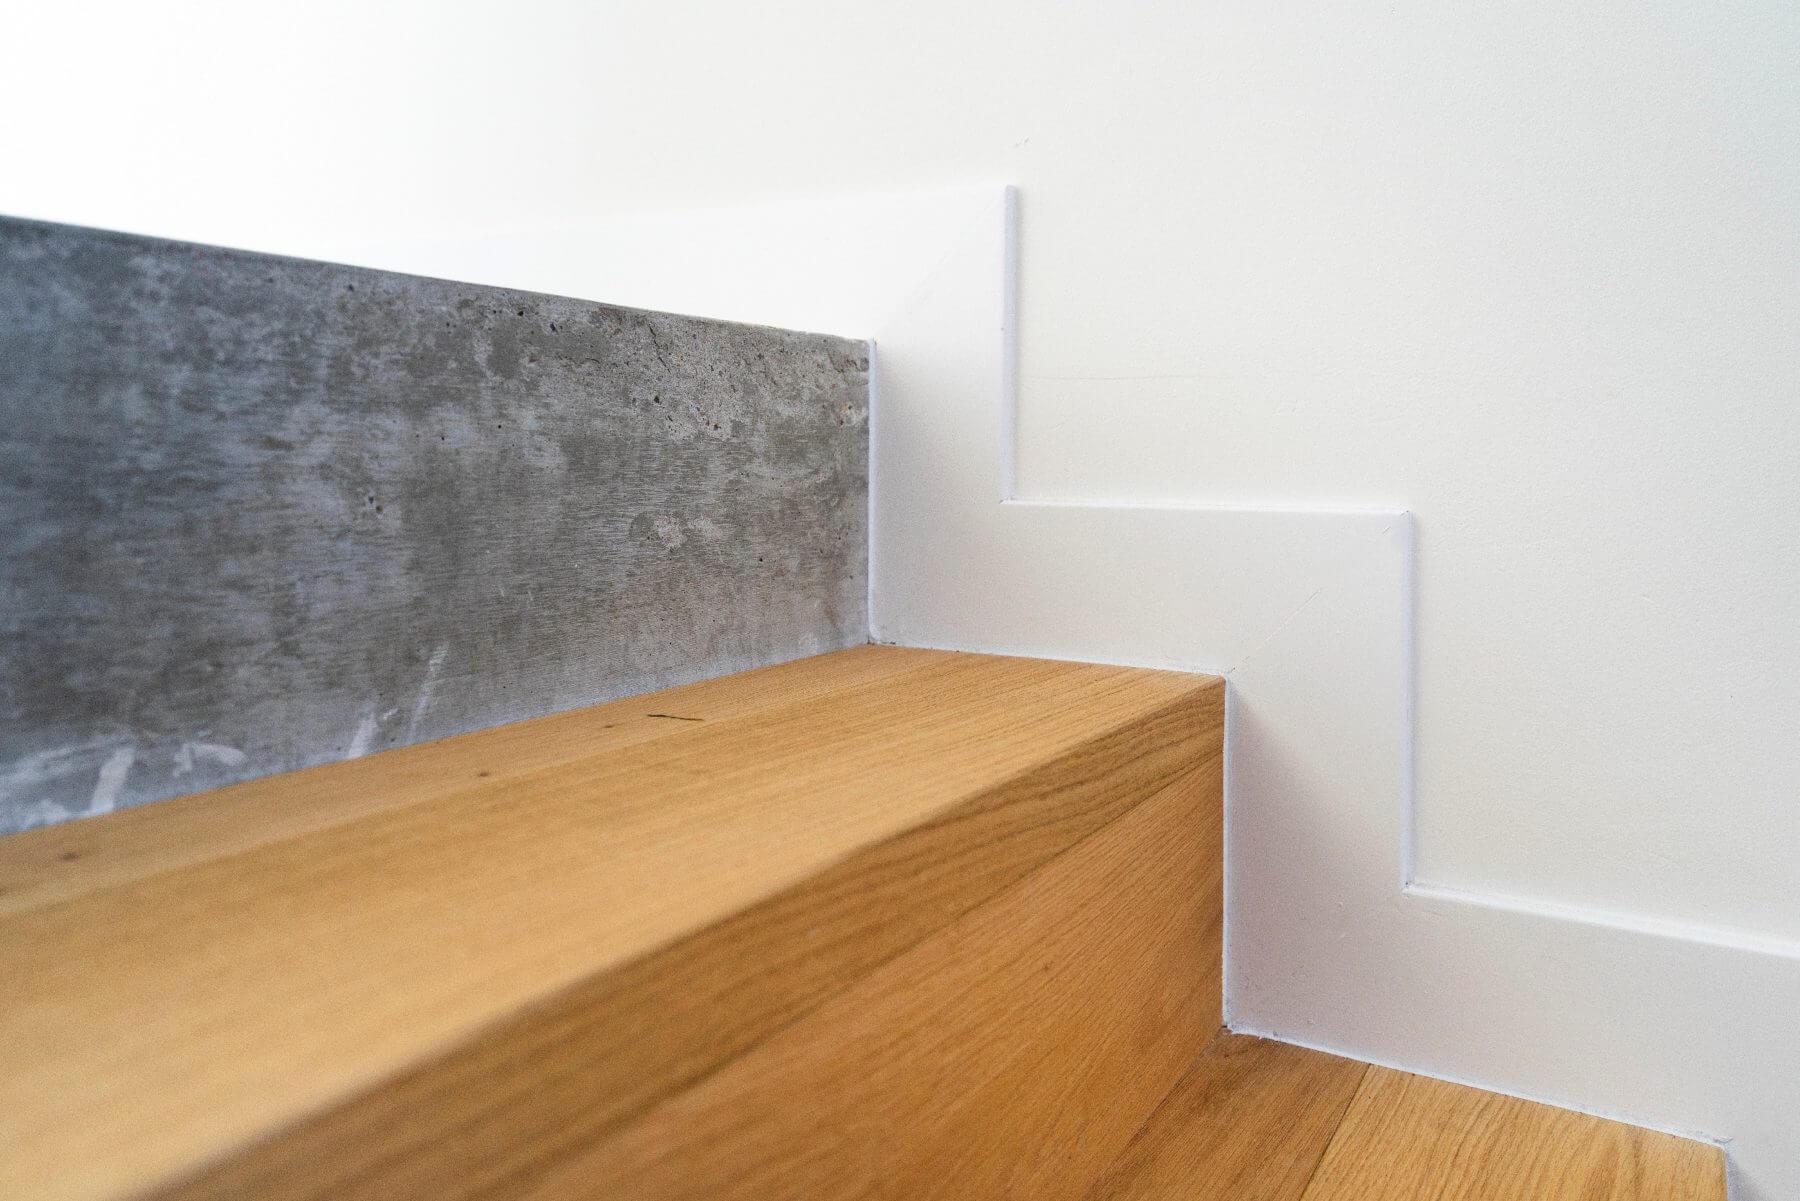 Plintafwerking met traptreden, hout met cement combineren